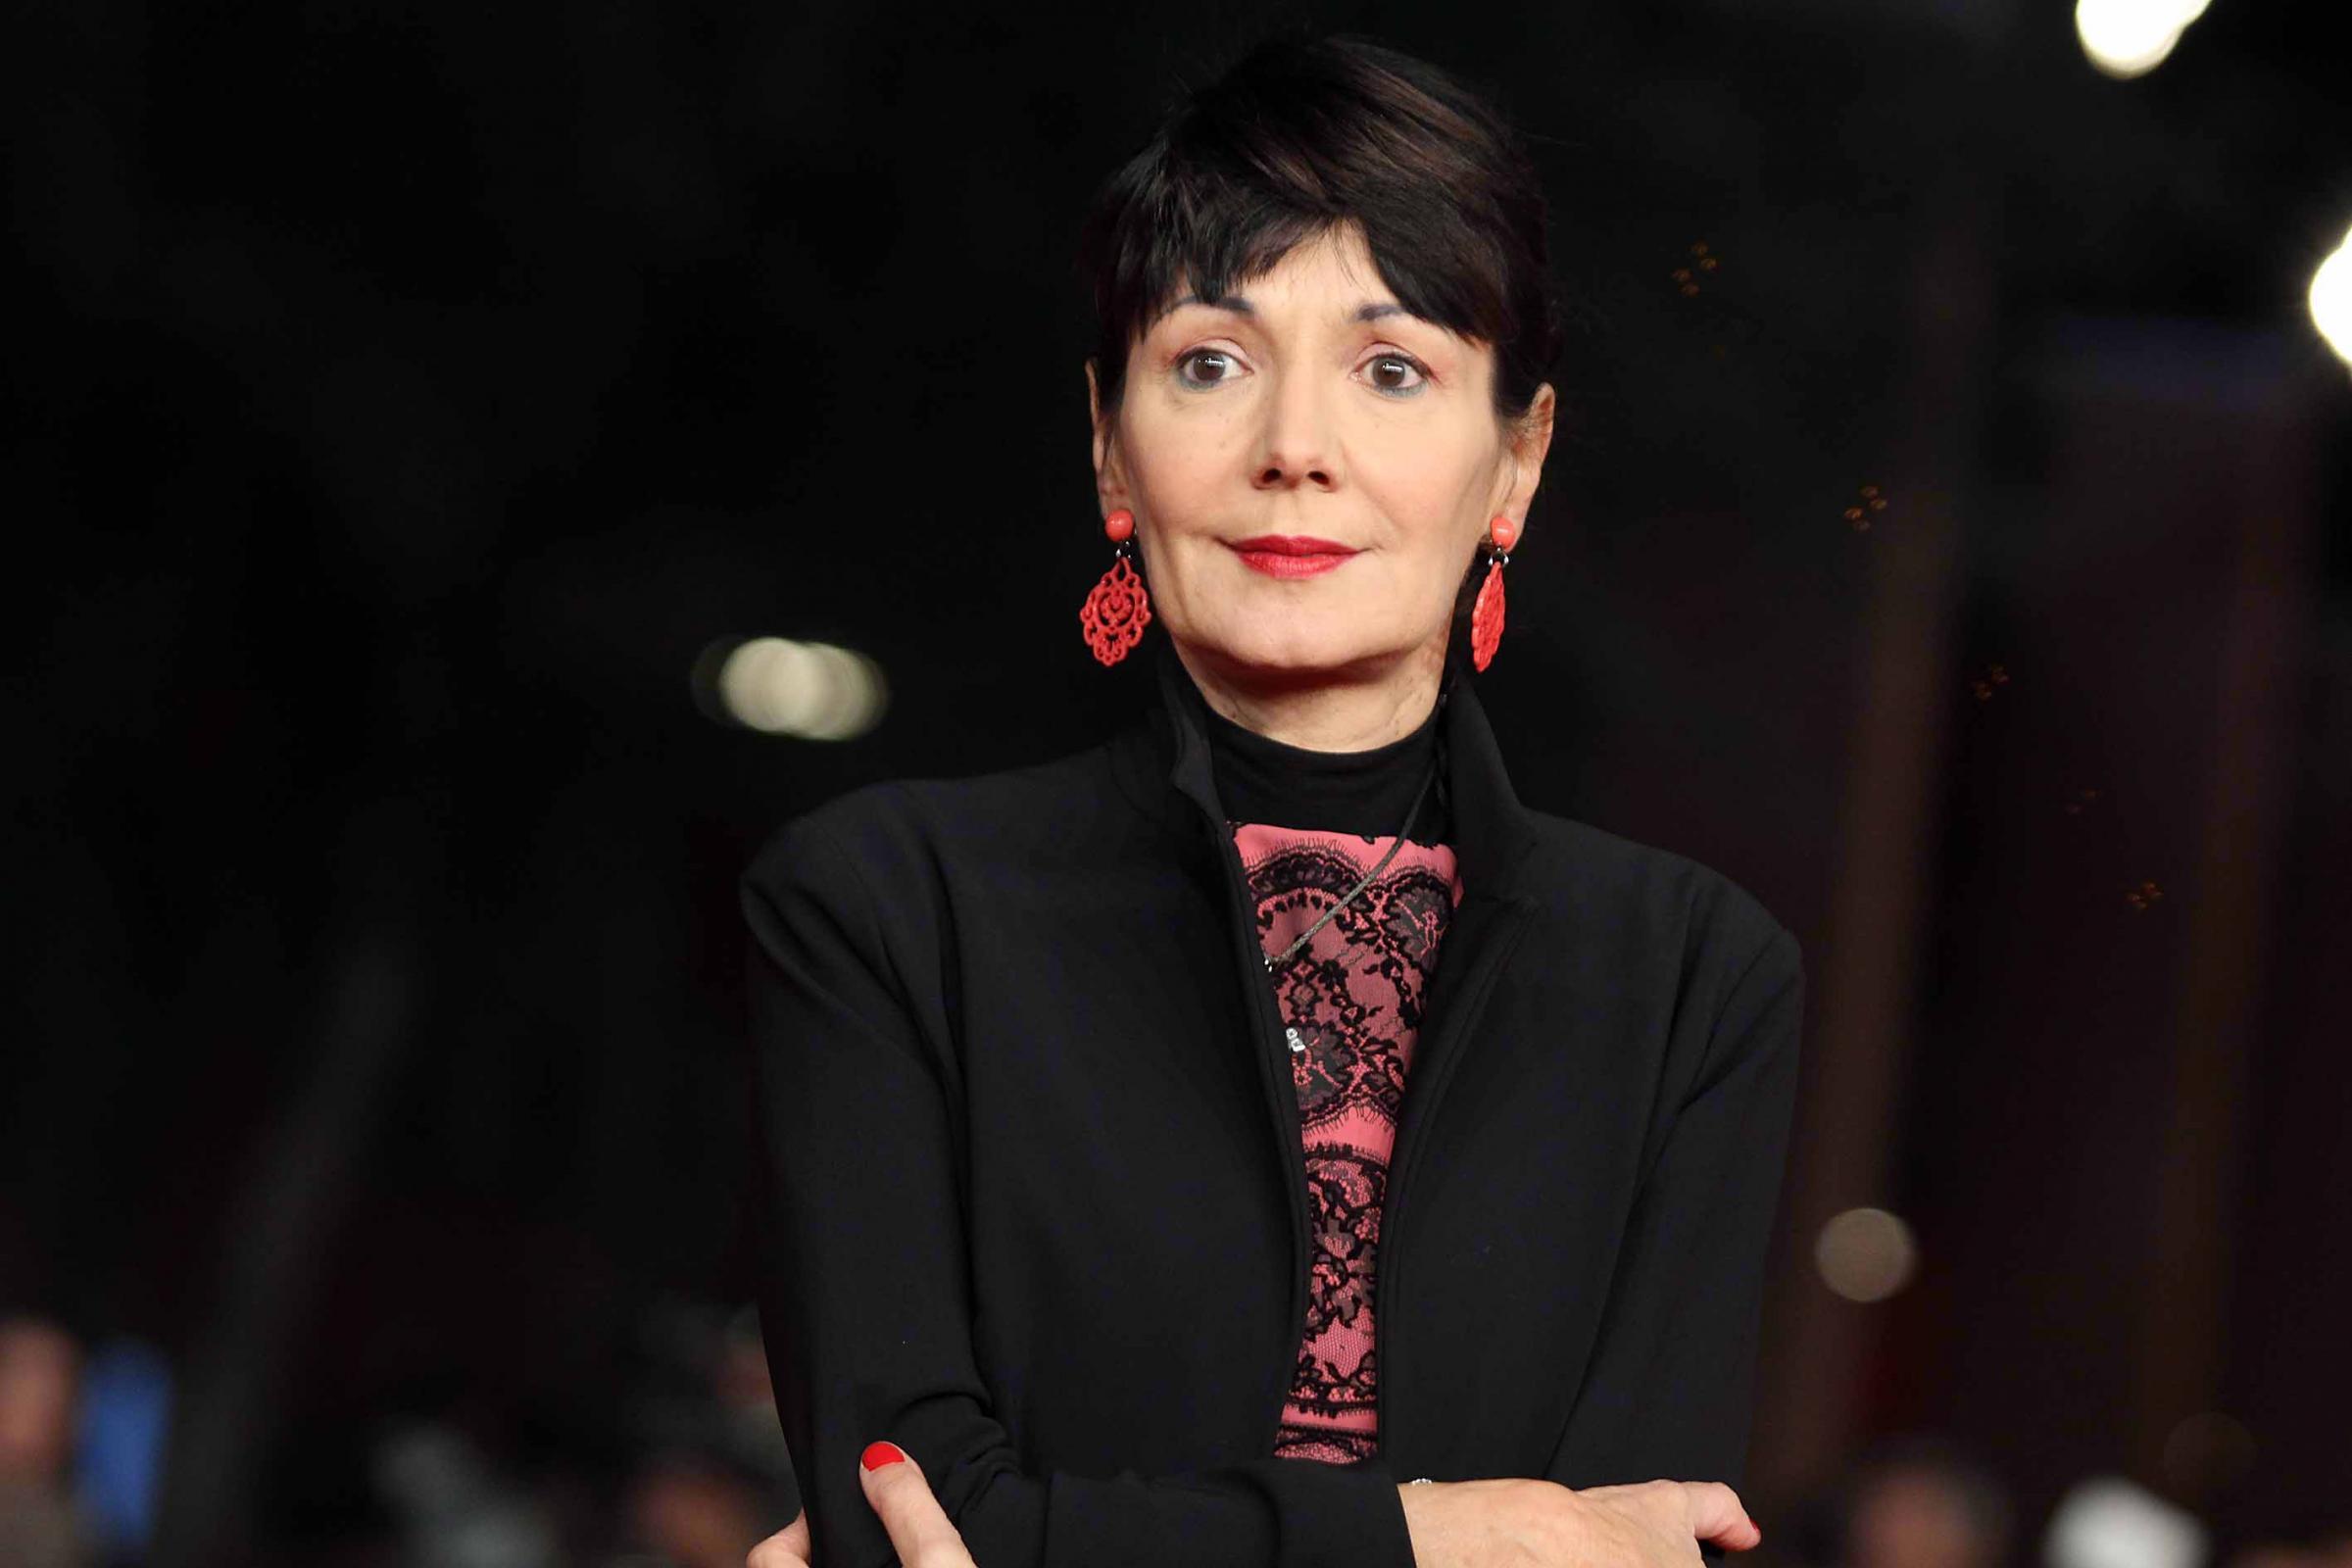 Elisabetta Sgarbi lascia Bompiani e fonda una casa editrice con Umberto Eco, La nave di Teseo